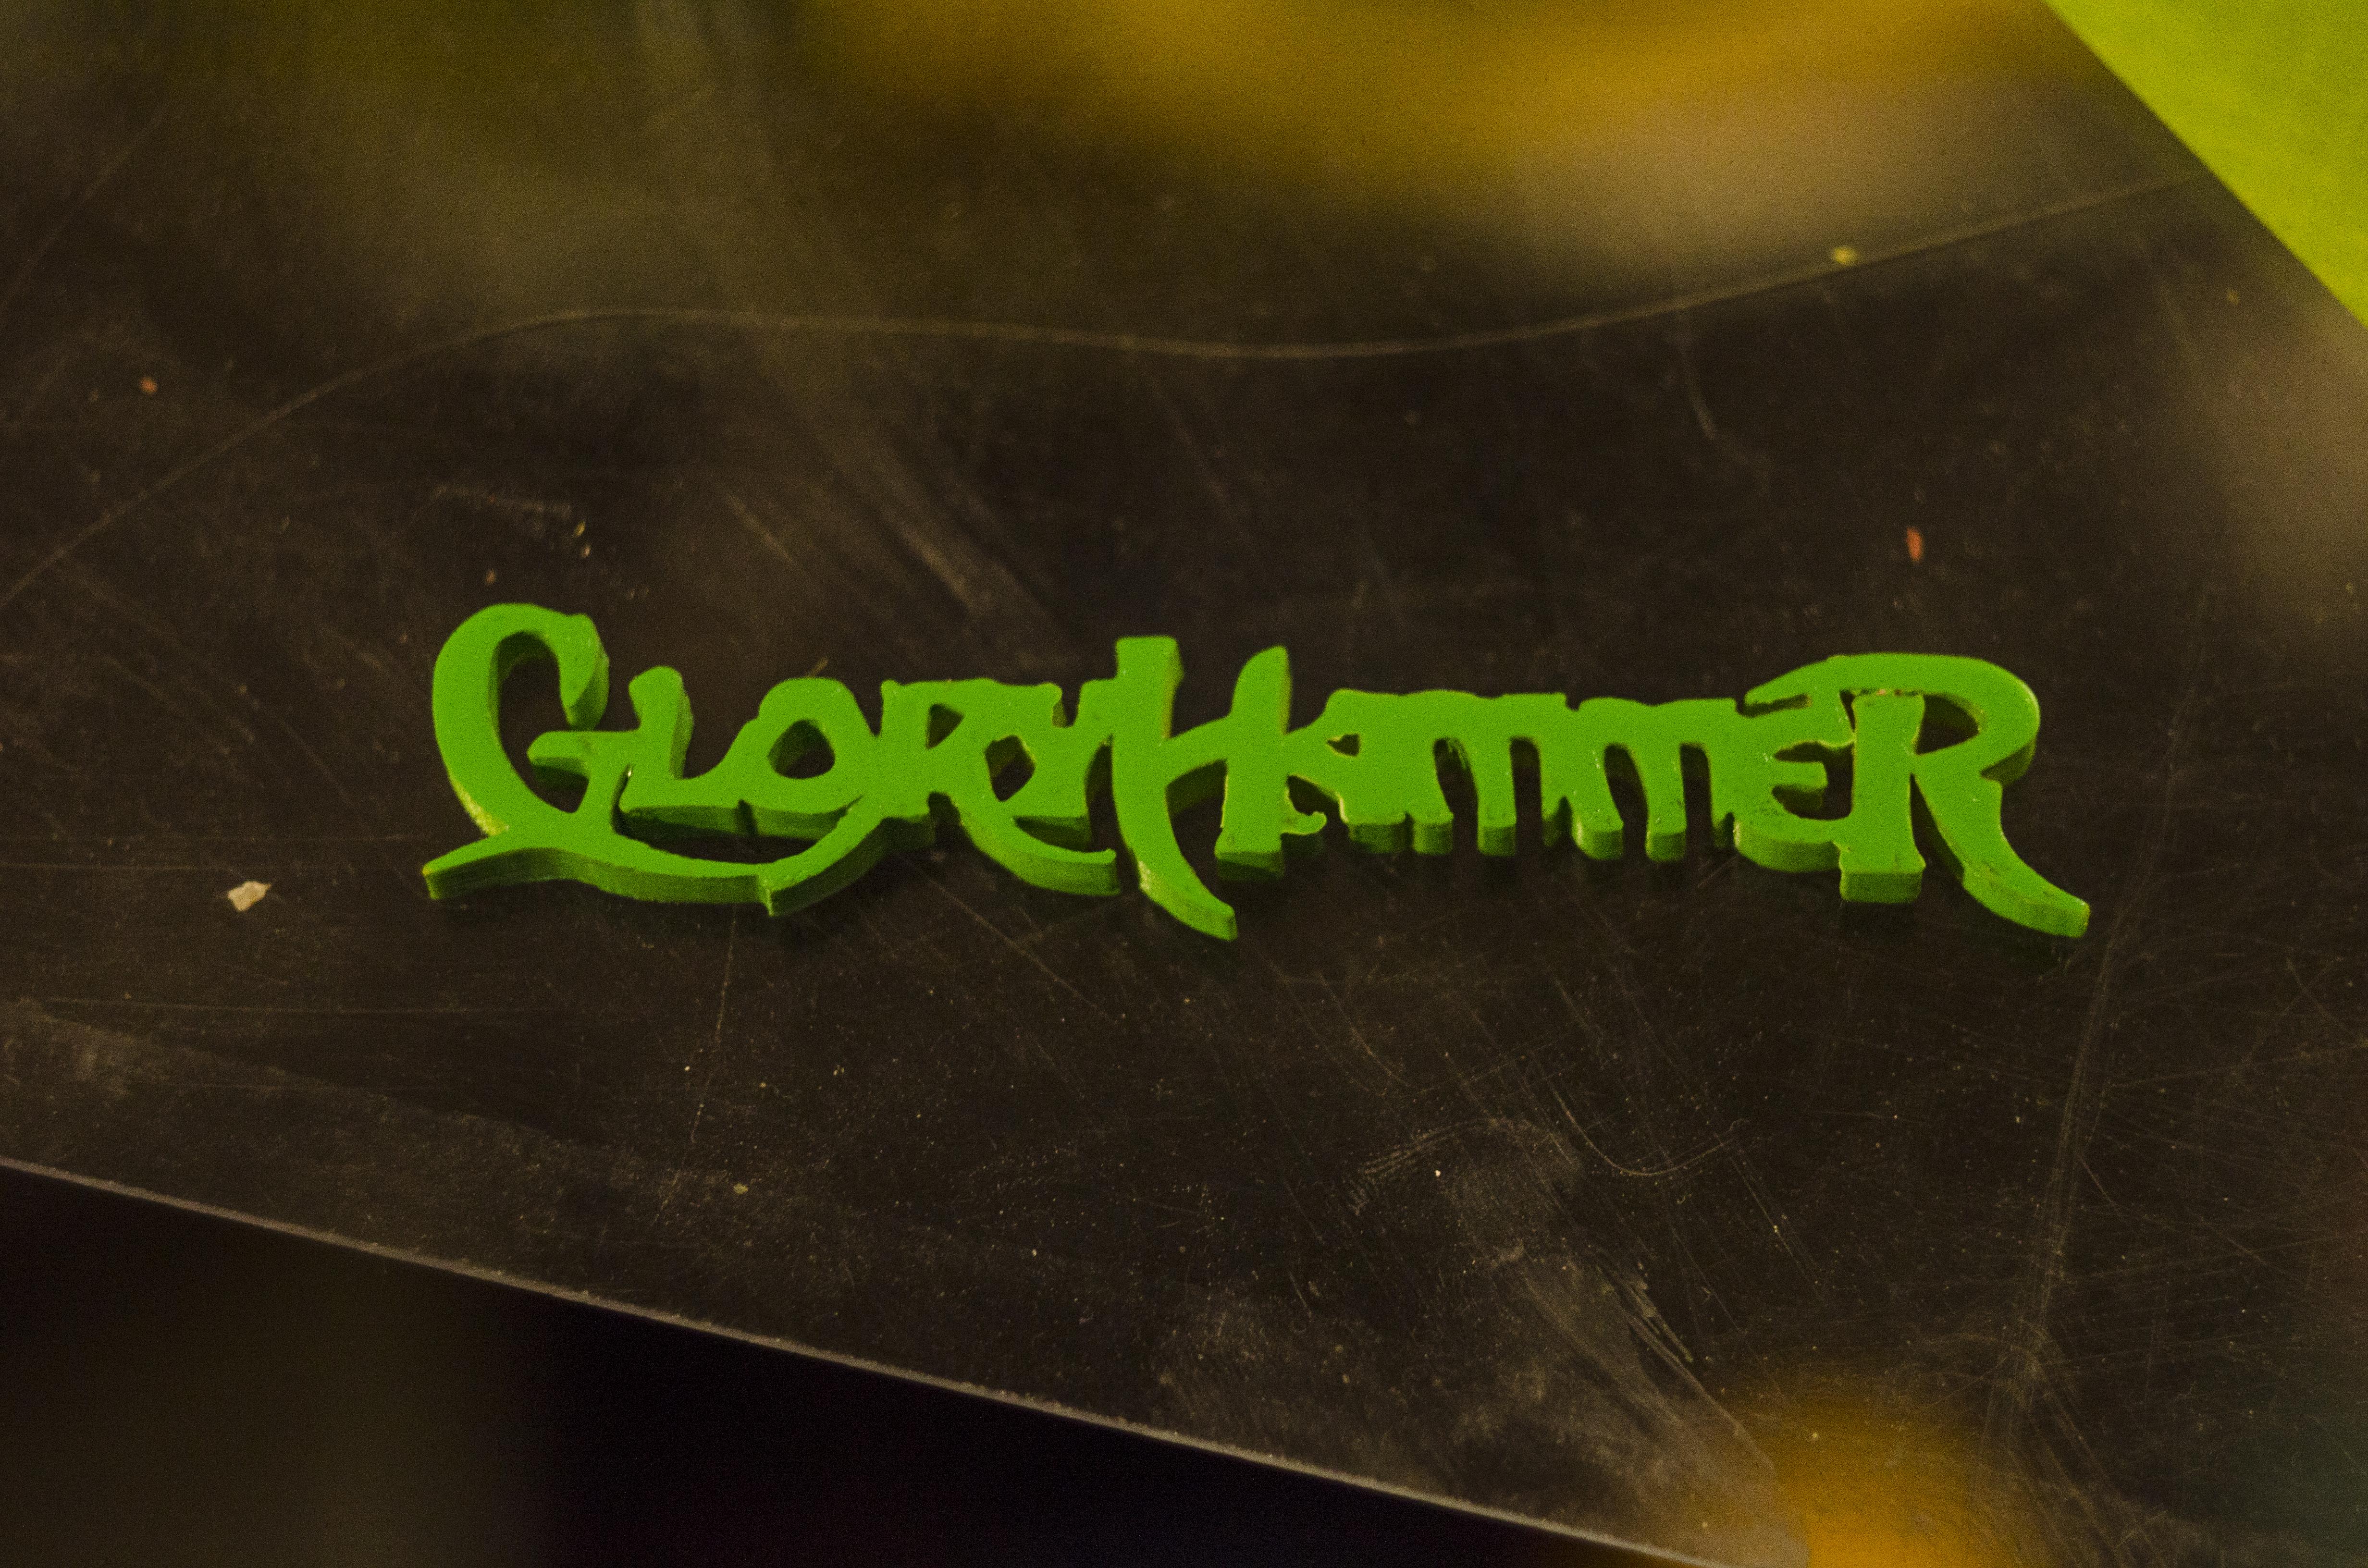 Gloryhammer [logo]